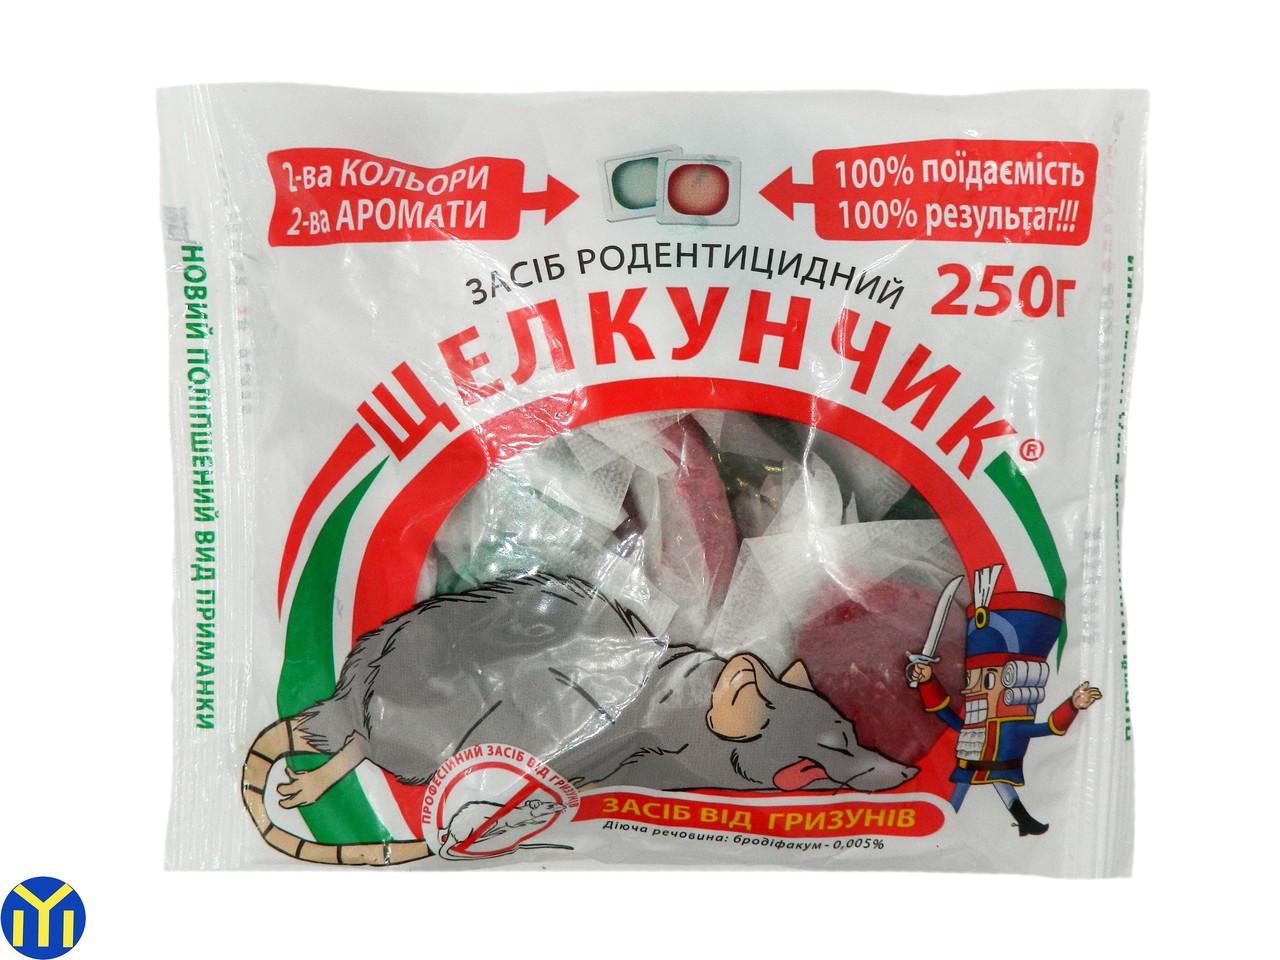 Средство от грызунов, Щелкунчик тесто,фильтр пакет 250г.